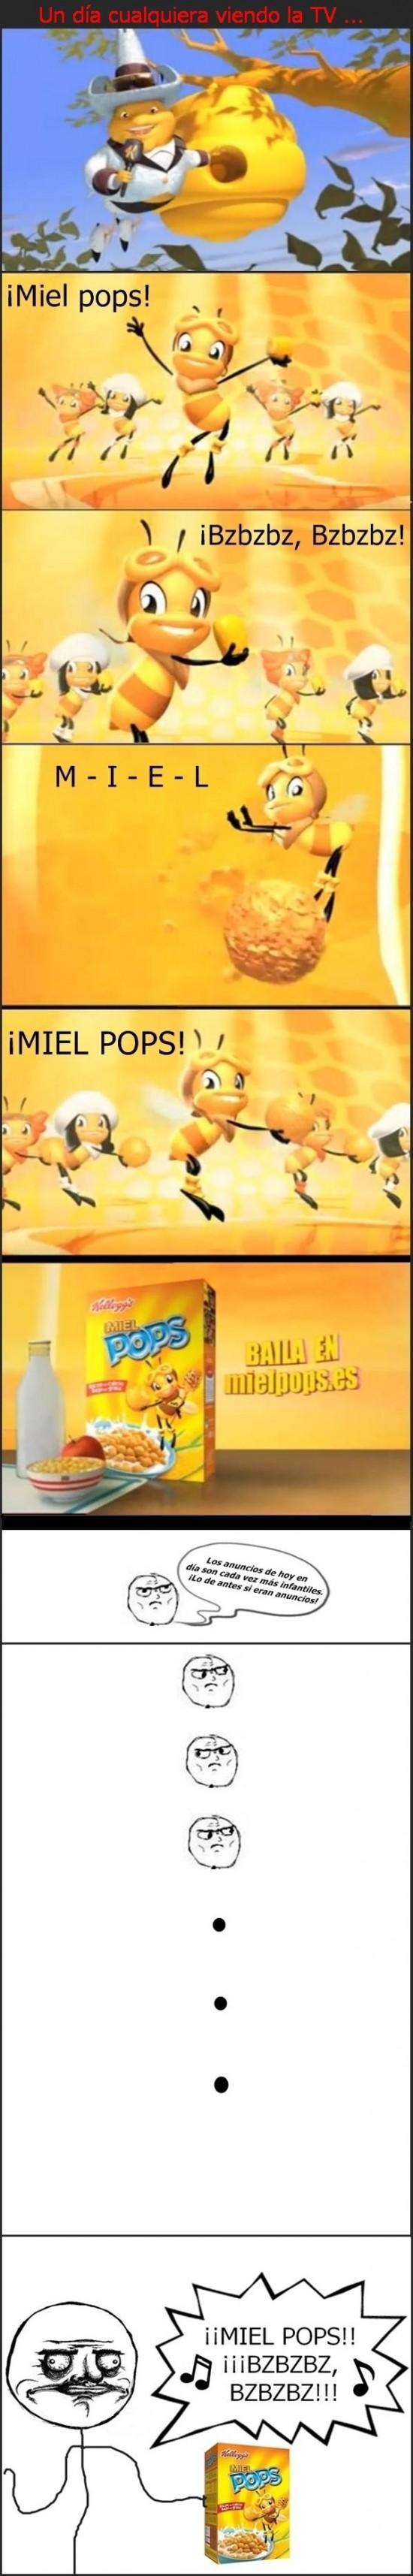 anuncio,cereales,me gusta,mielpops